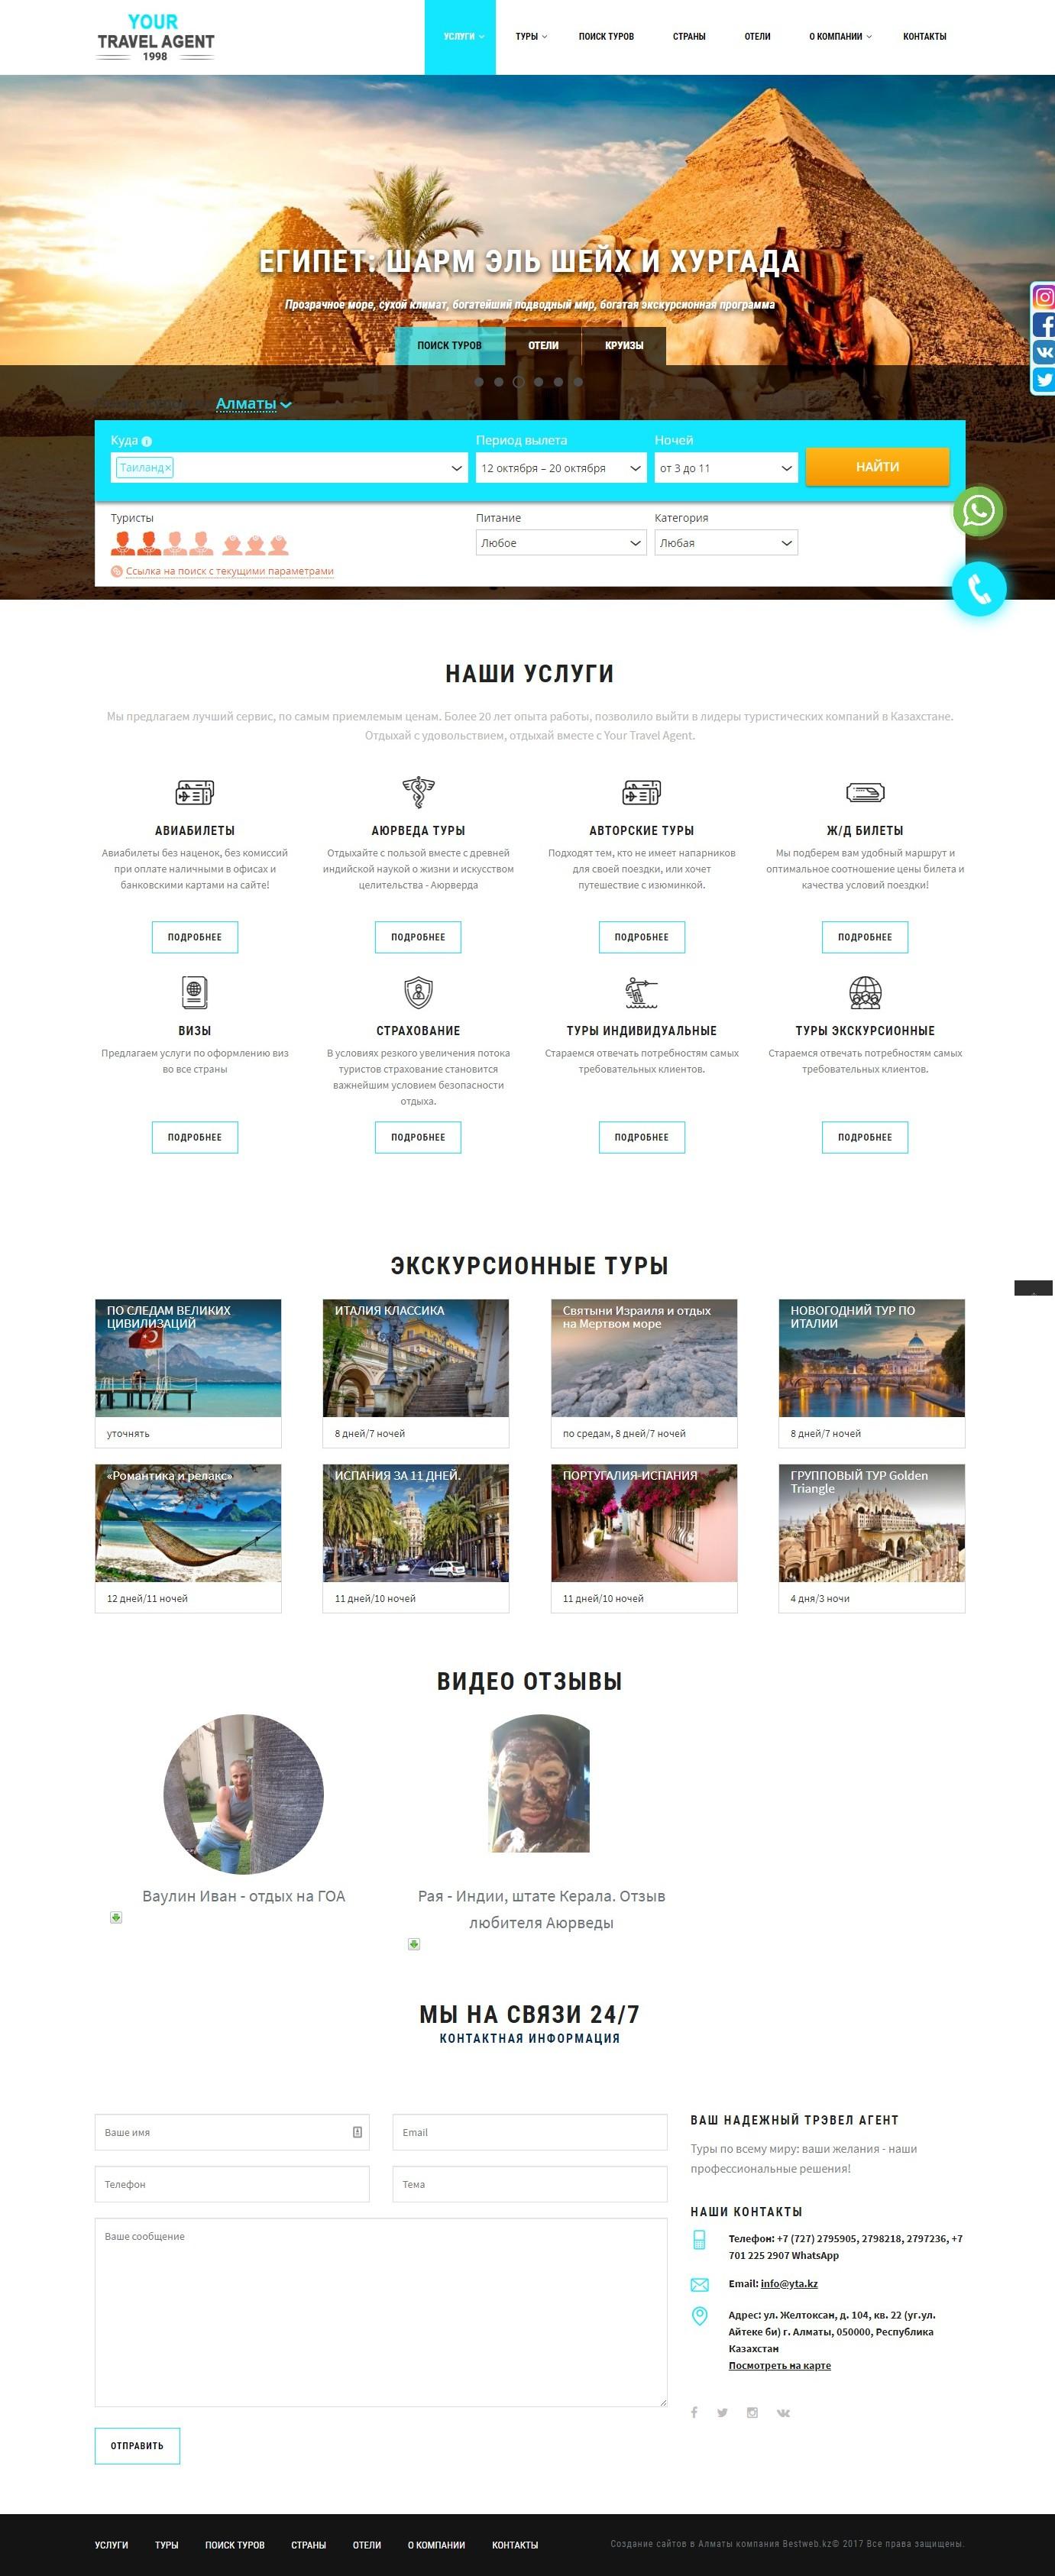 Туристическое агентство Your Travel Agent